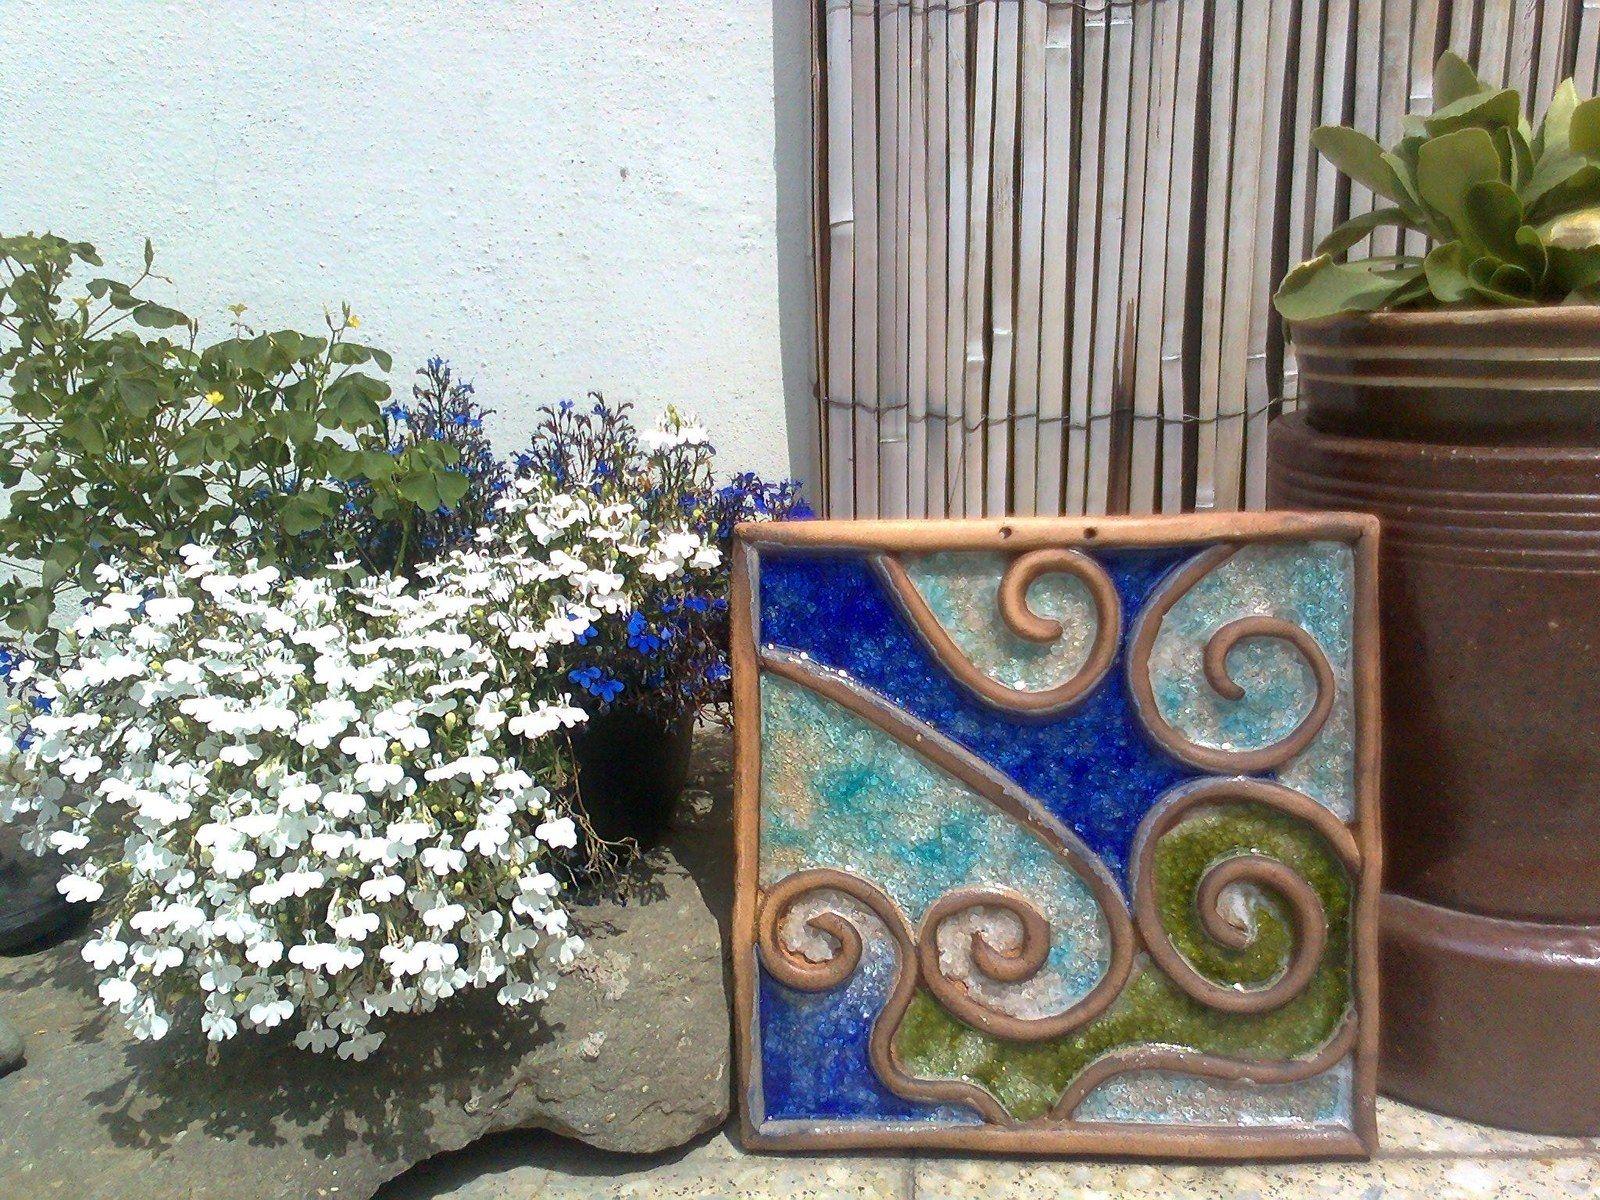 KACHEL VELKÝ LAGUNA Masivní kachel z jemné šamotky,patinované oxidy,rozměr 31x31cm,dírky na připevnění,zavěšení...Sypané barevnými skly. motiv v barvách modravých